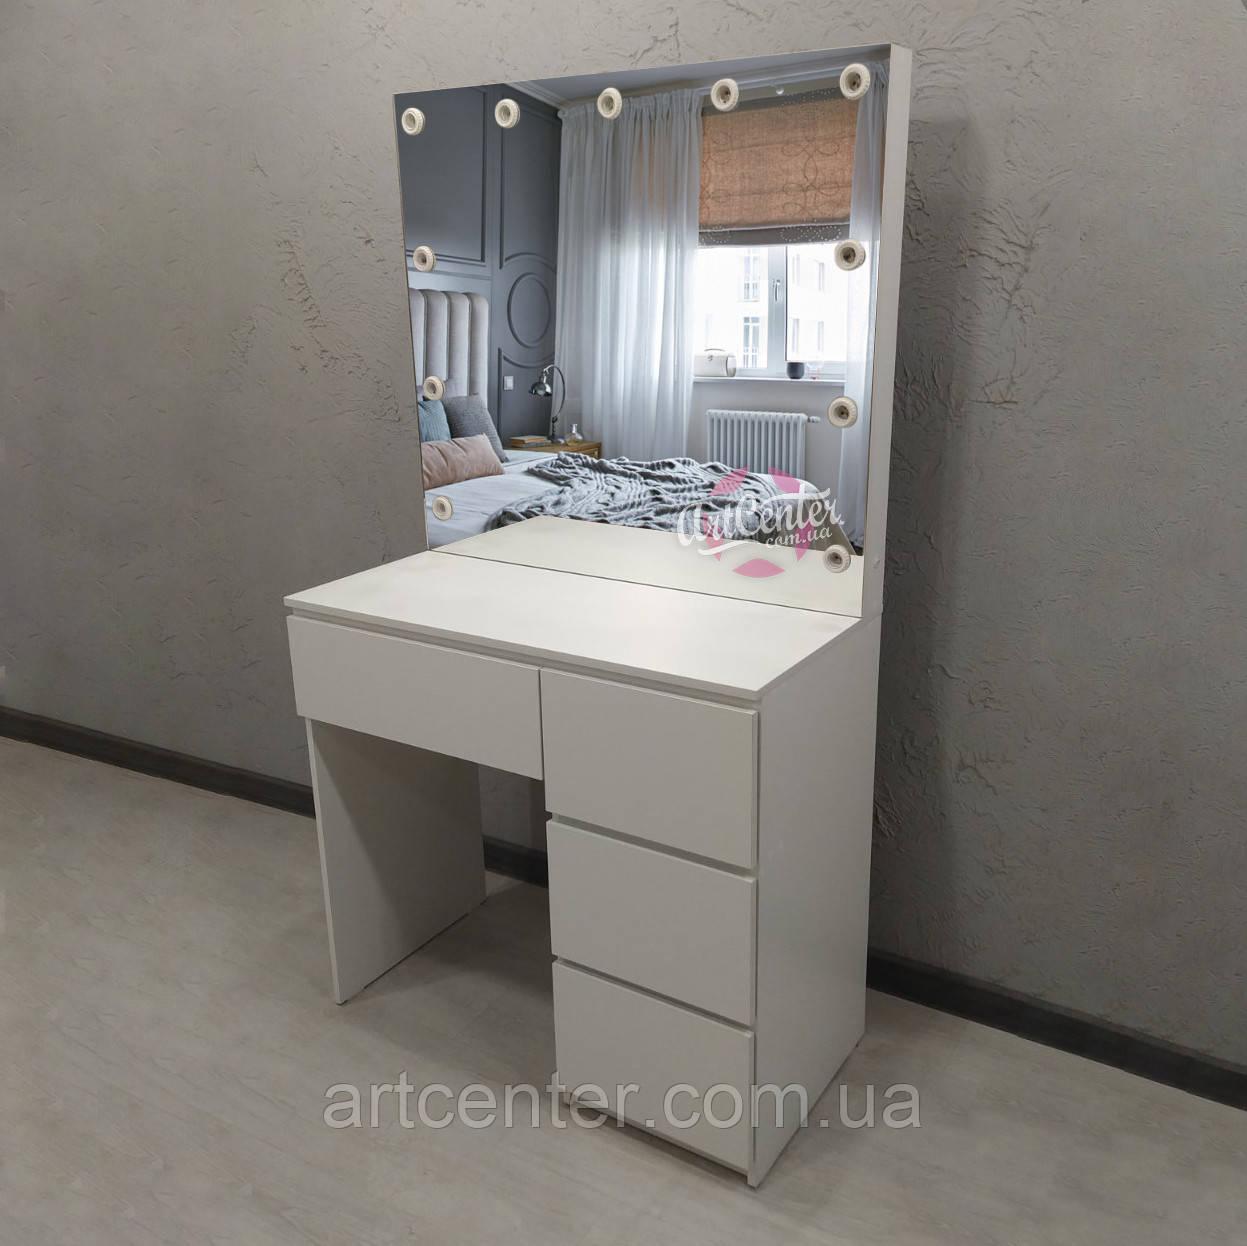 Стіл для візажиста, стіл для макіяжу з дзеркалом